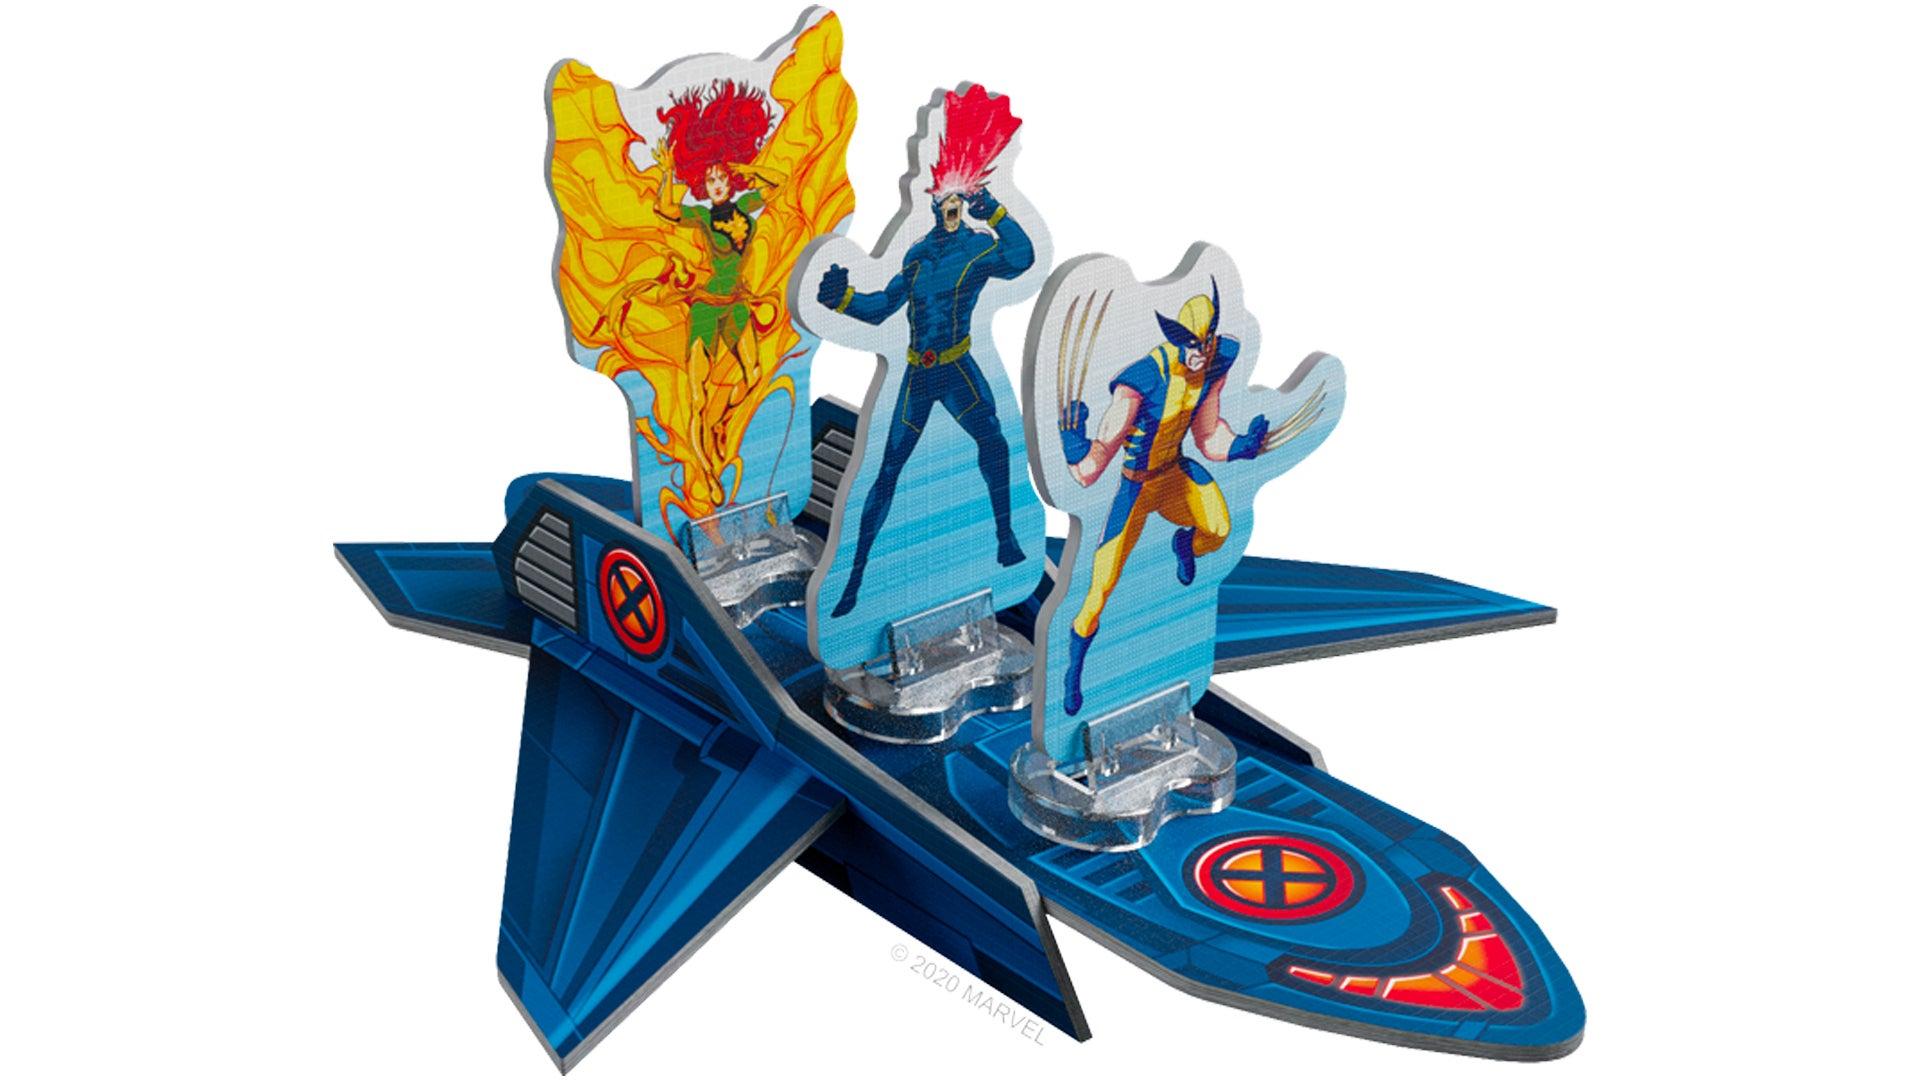 x-men-mutant-insurrection-board-game-jet.jpg